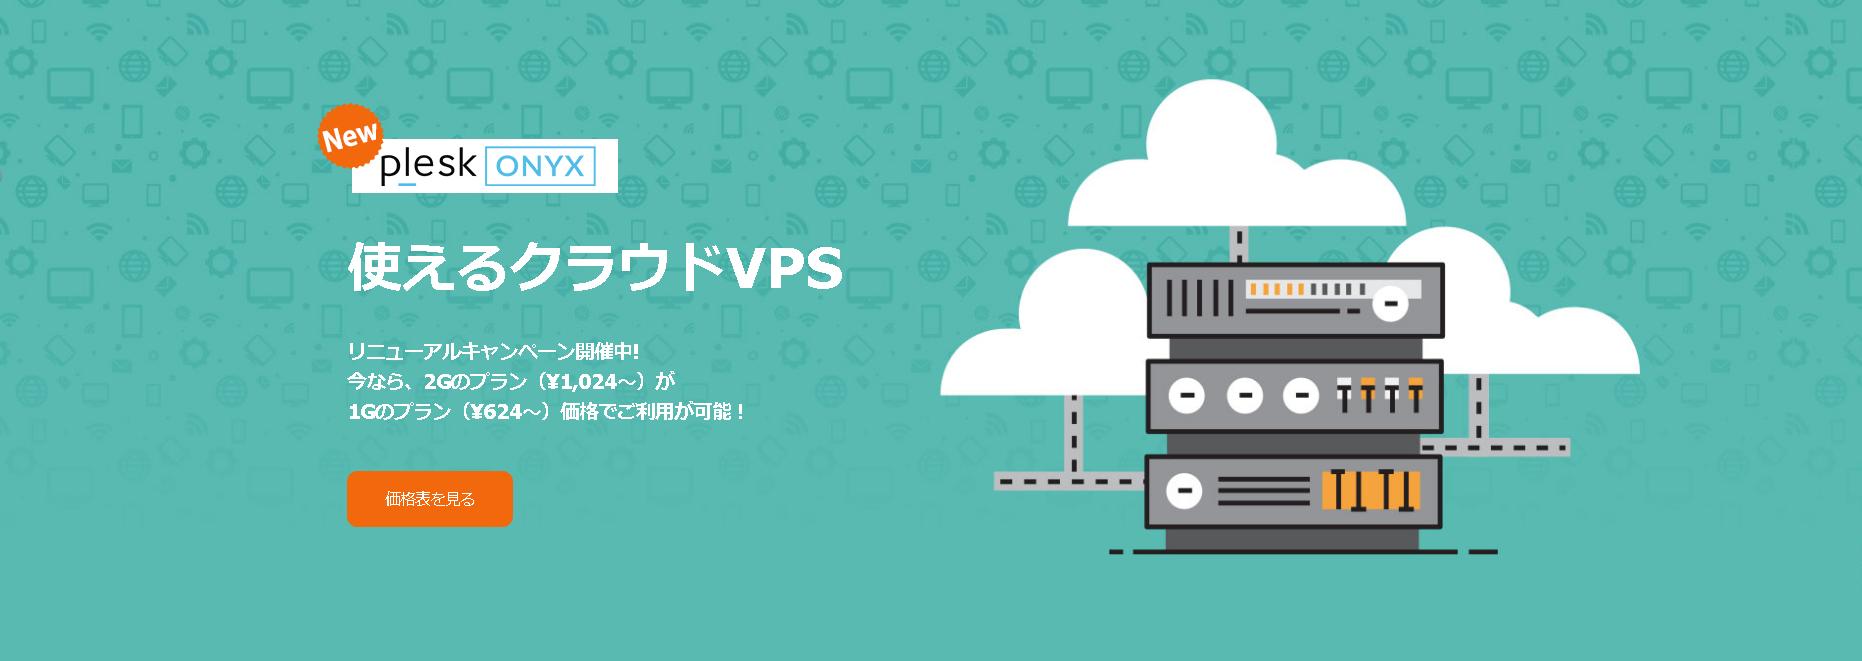 使えるクラウドVPS上のMySQLに外部から接続する場合の注意点